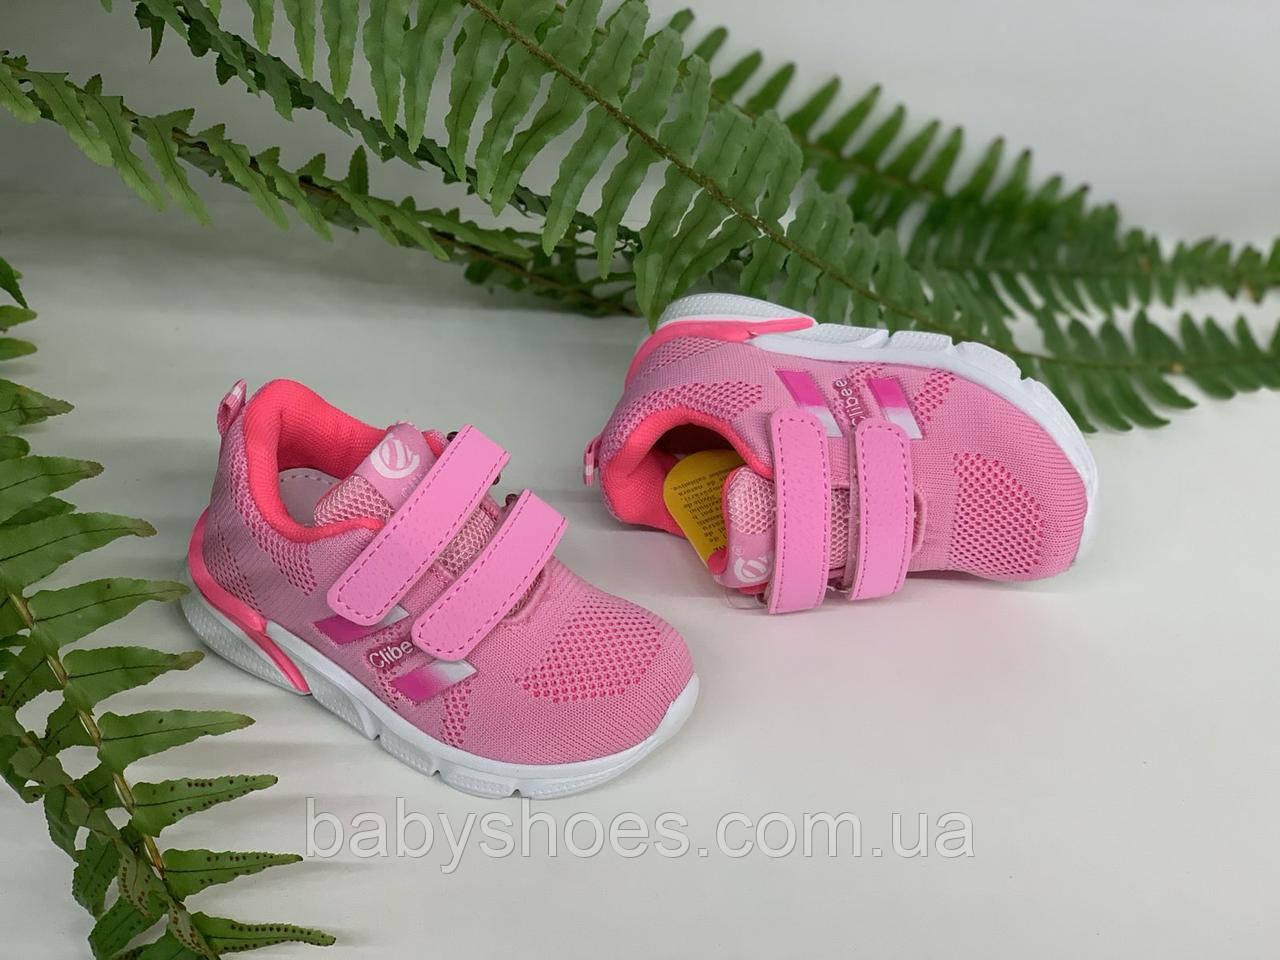 Кроссовки для девочки Clibee Польша р. 21-26 КД-521